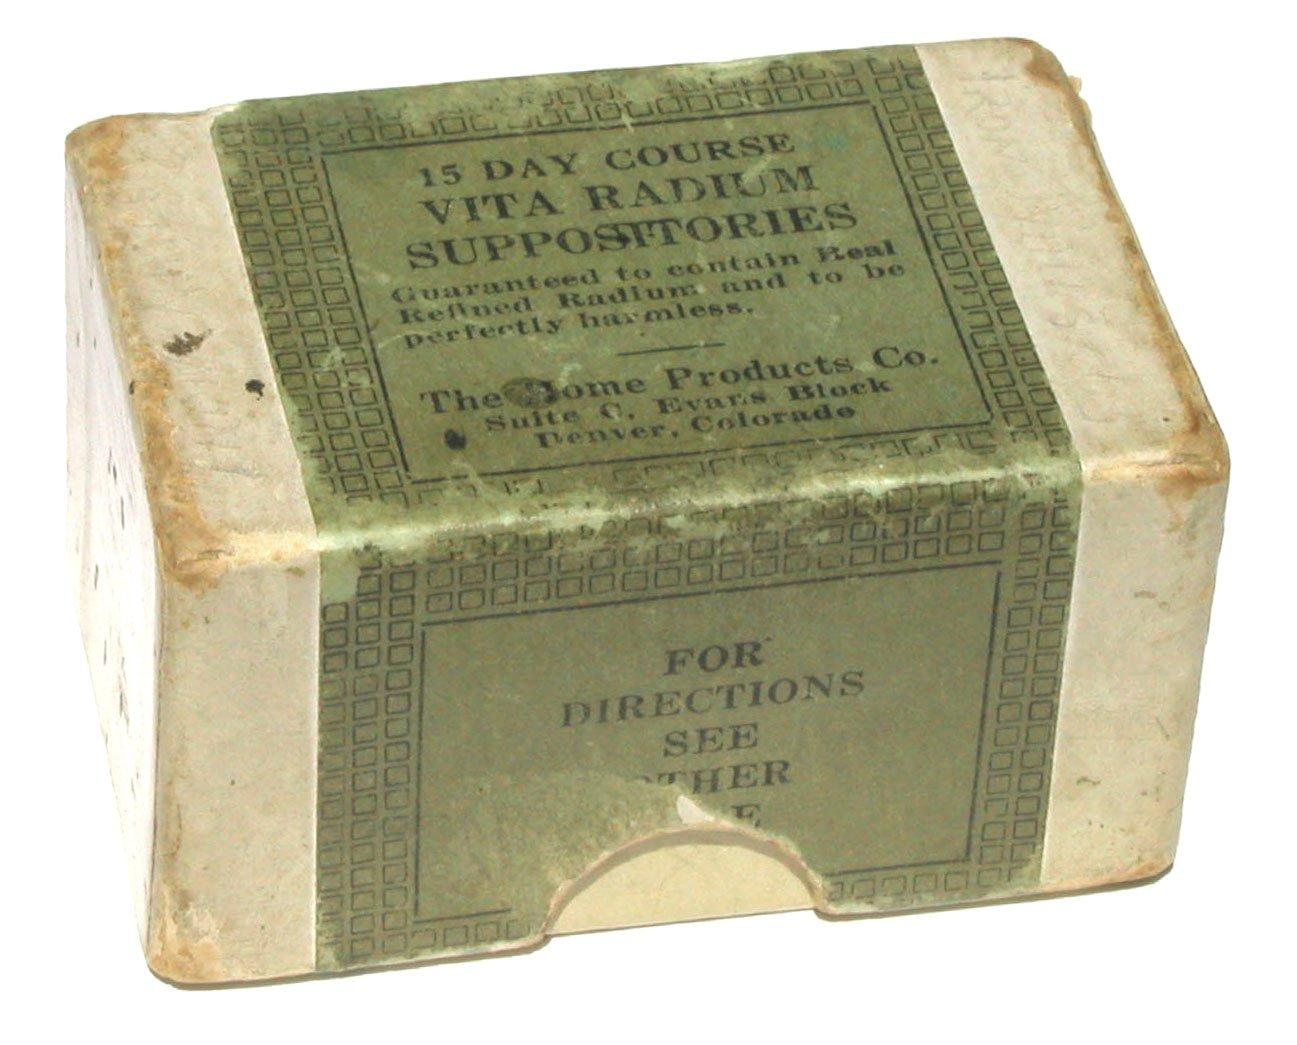 Cosmética y medicinas en 1920: Un poco de radiactividad para ser bellos y sanos 4